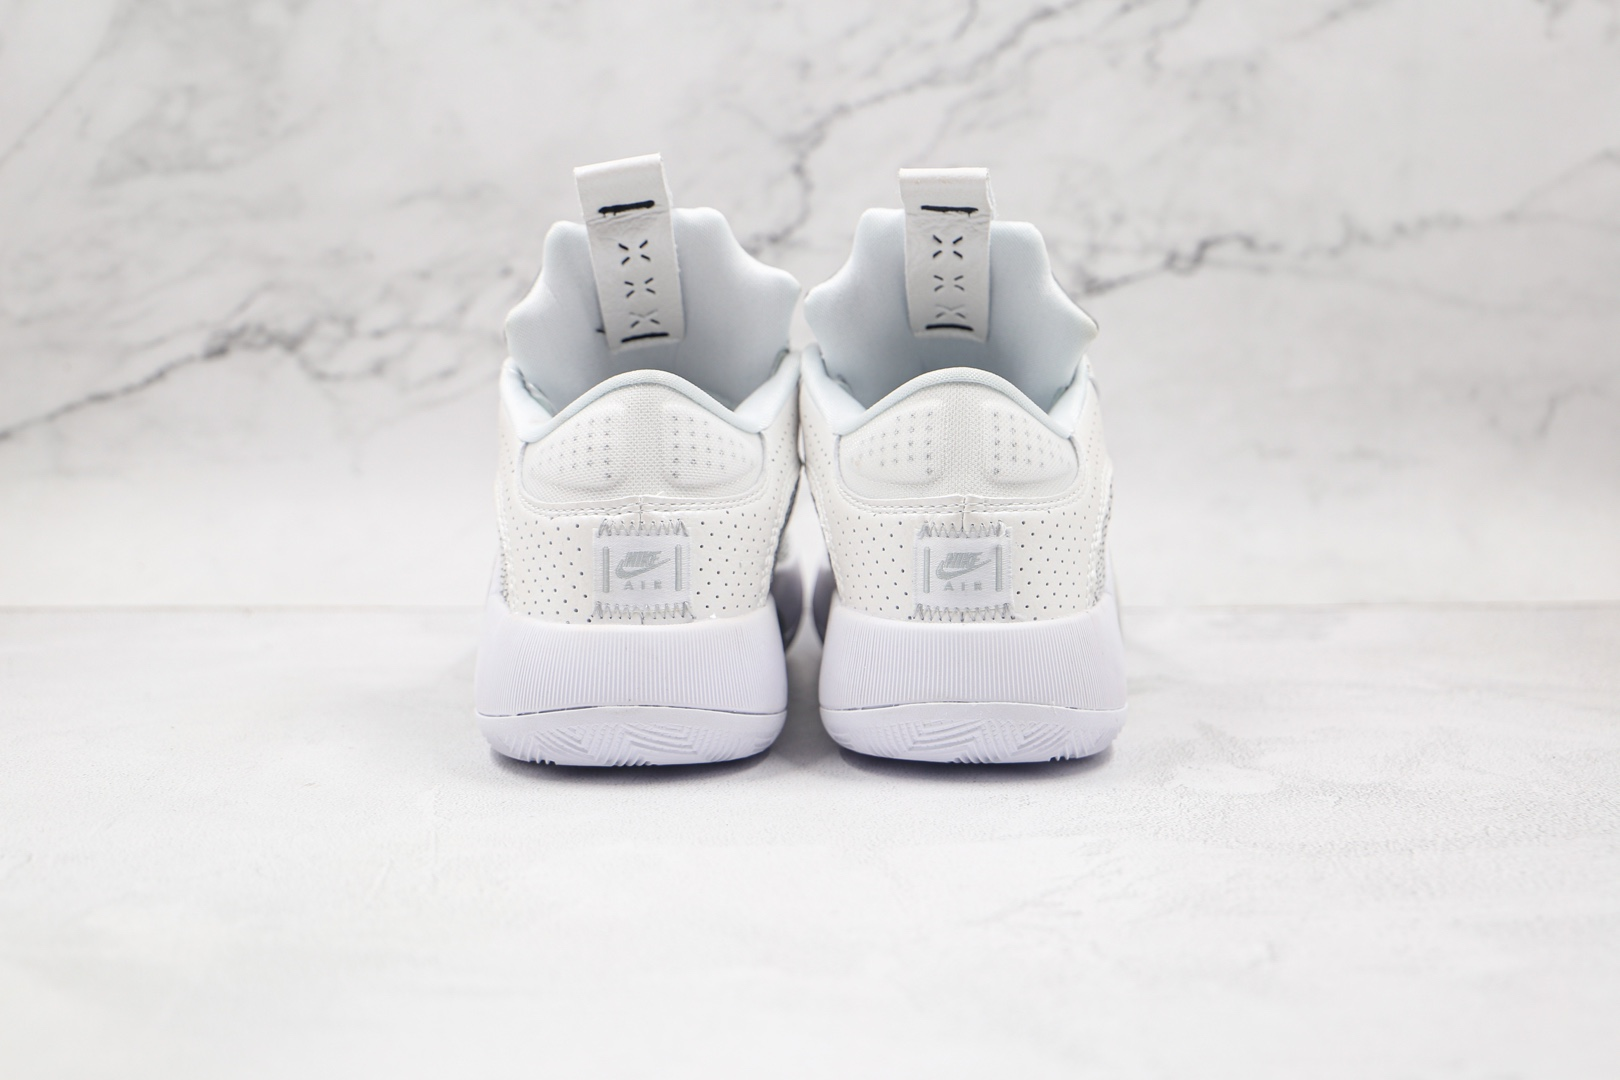 乔丹AIR JORDAN XXXV LOW PF纯原版本银白色AJ35篮球鞋内置Zoom气垫支持实战 货号:CW2459-100